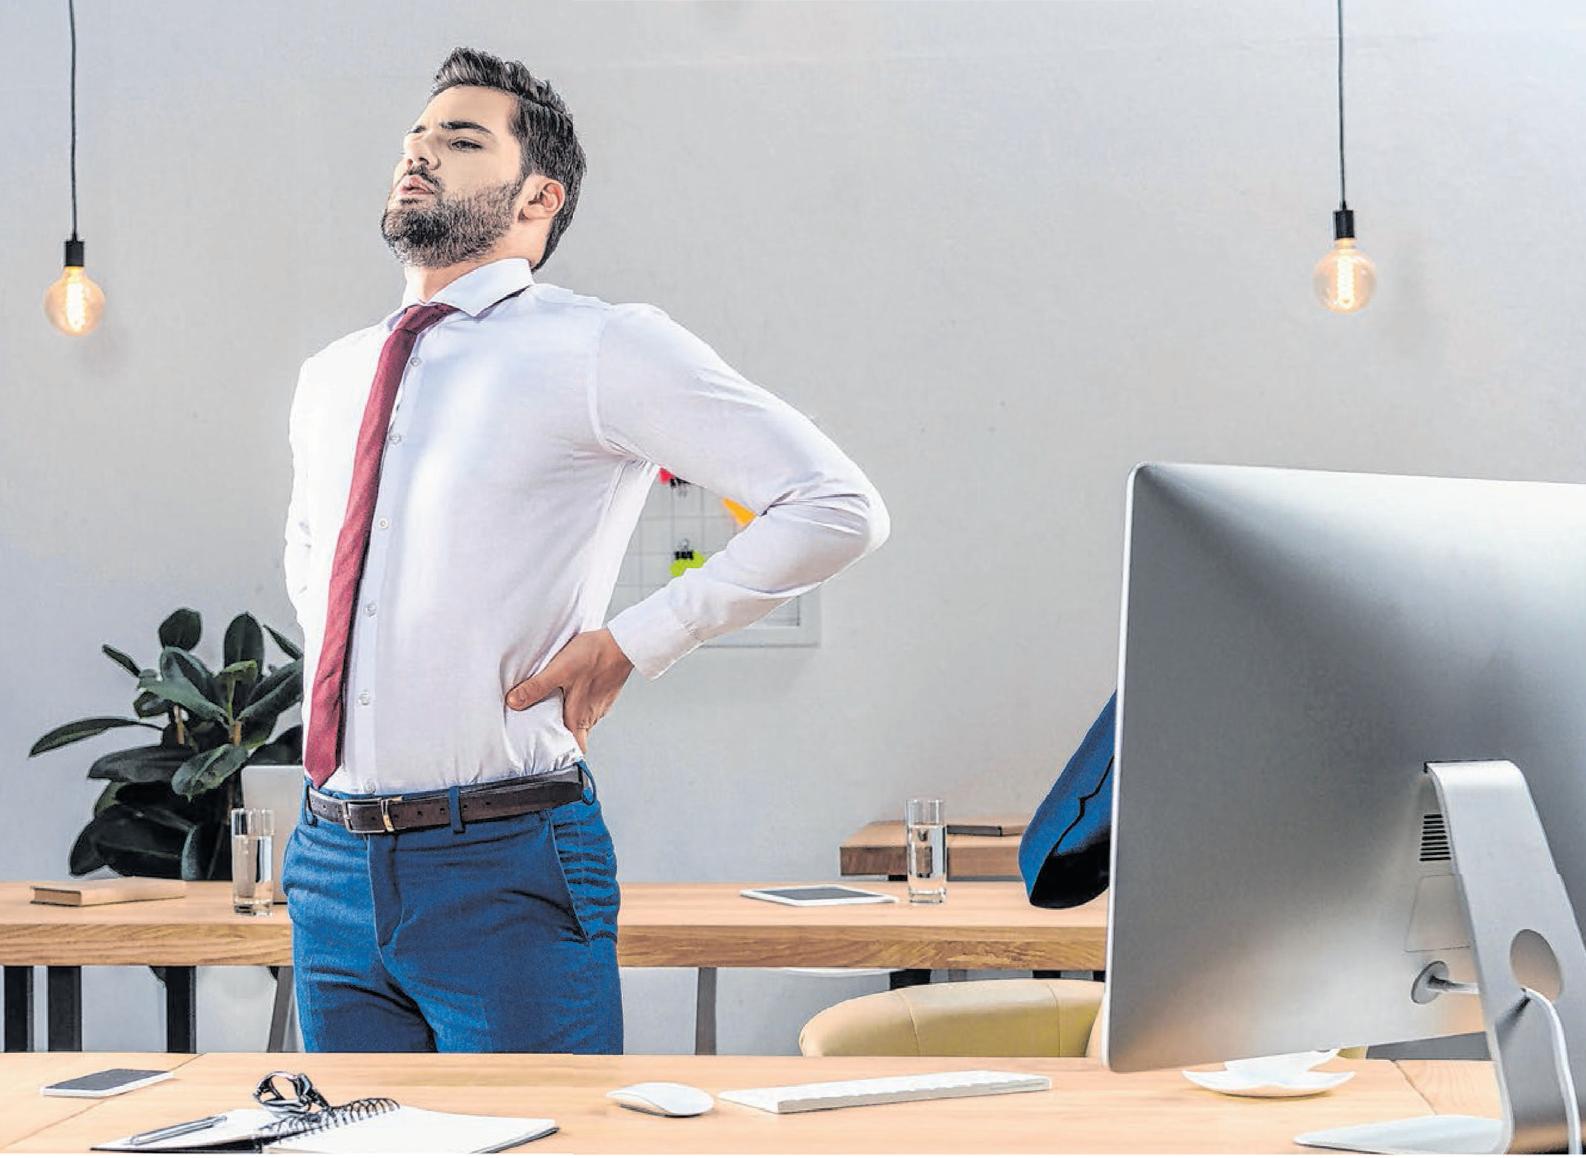 Das ständige Sitzen am Schreibtisch ist für den Rücken belastend. © LIGHTFIELD STUDIOS/SHUTTERSTOCK.COM